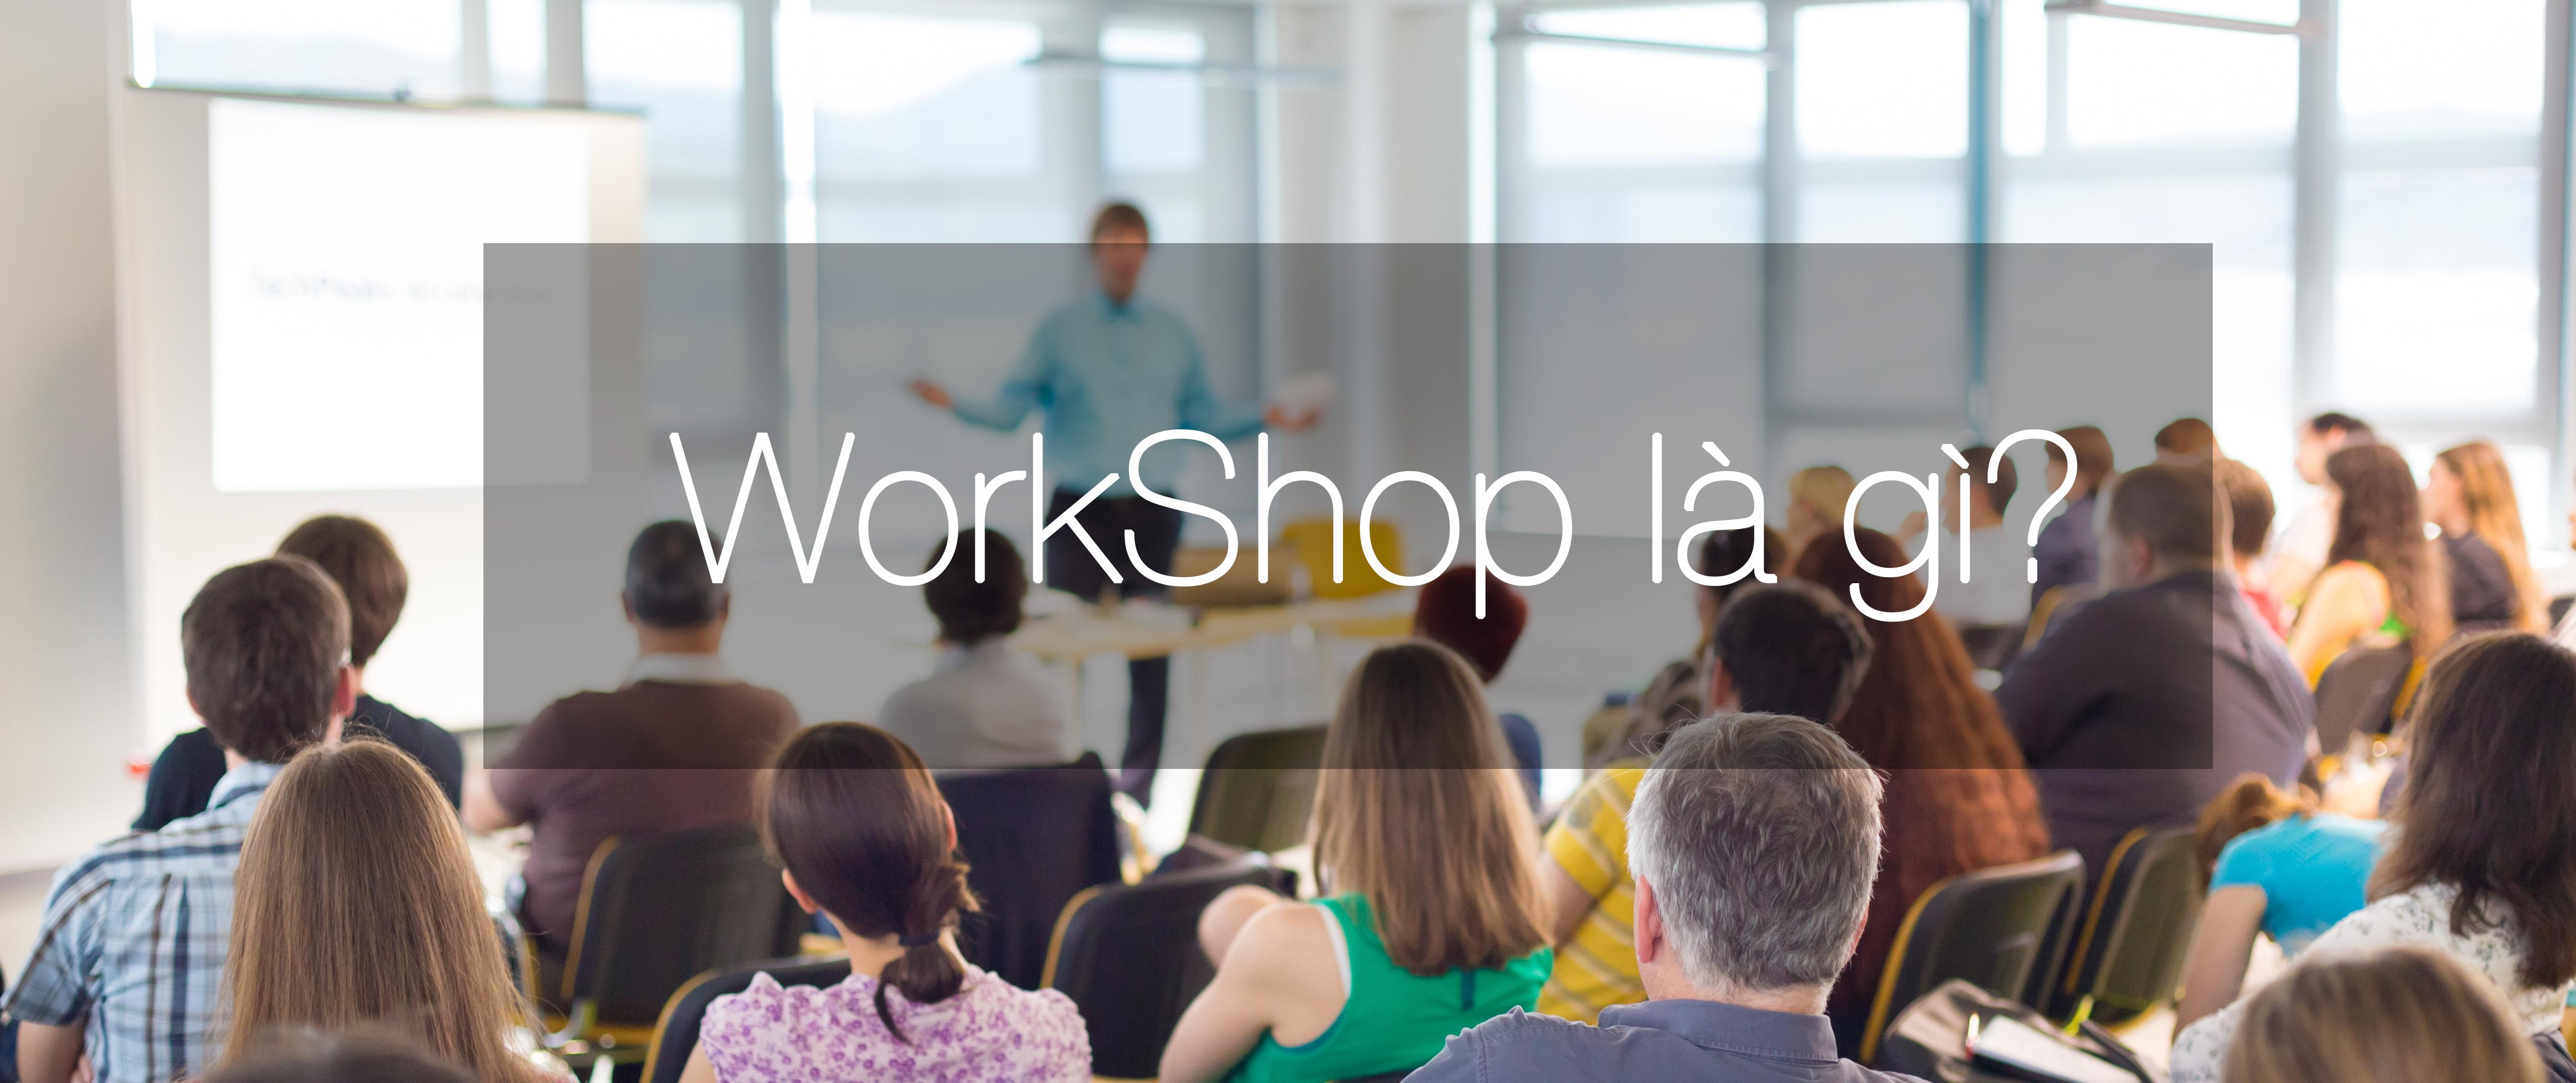 workshop là gì